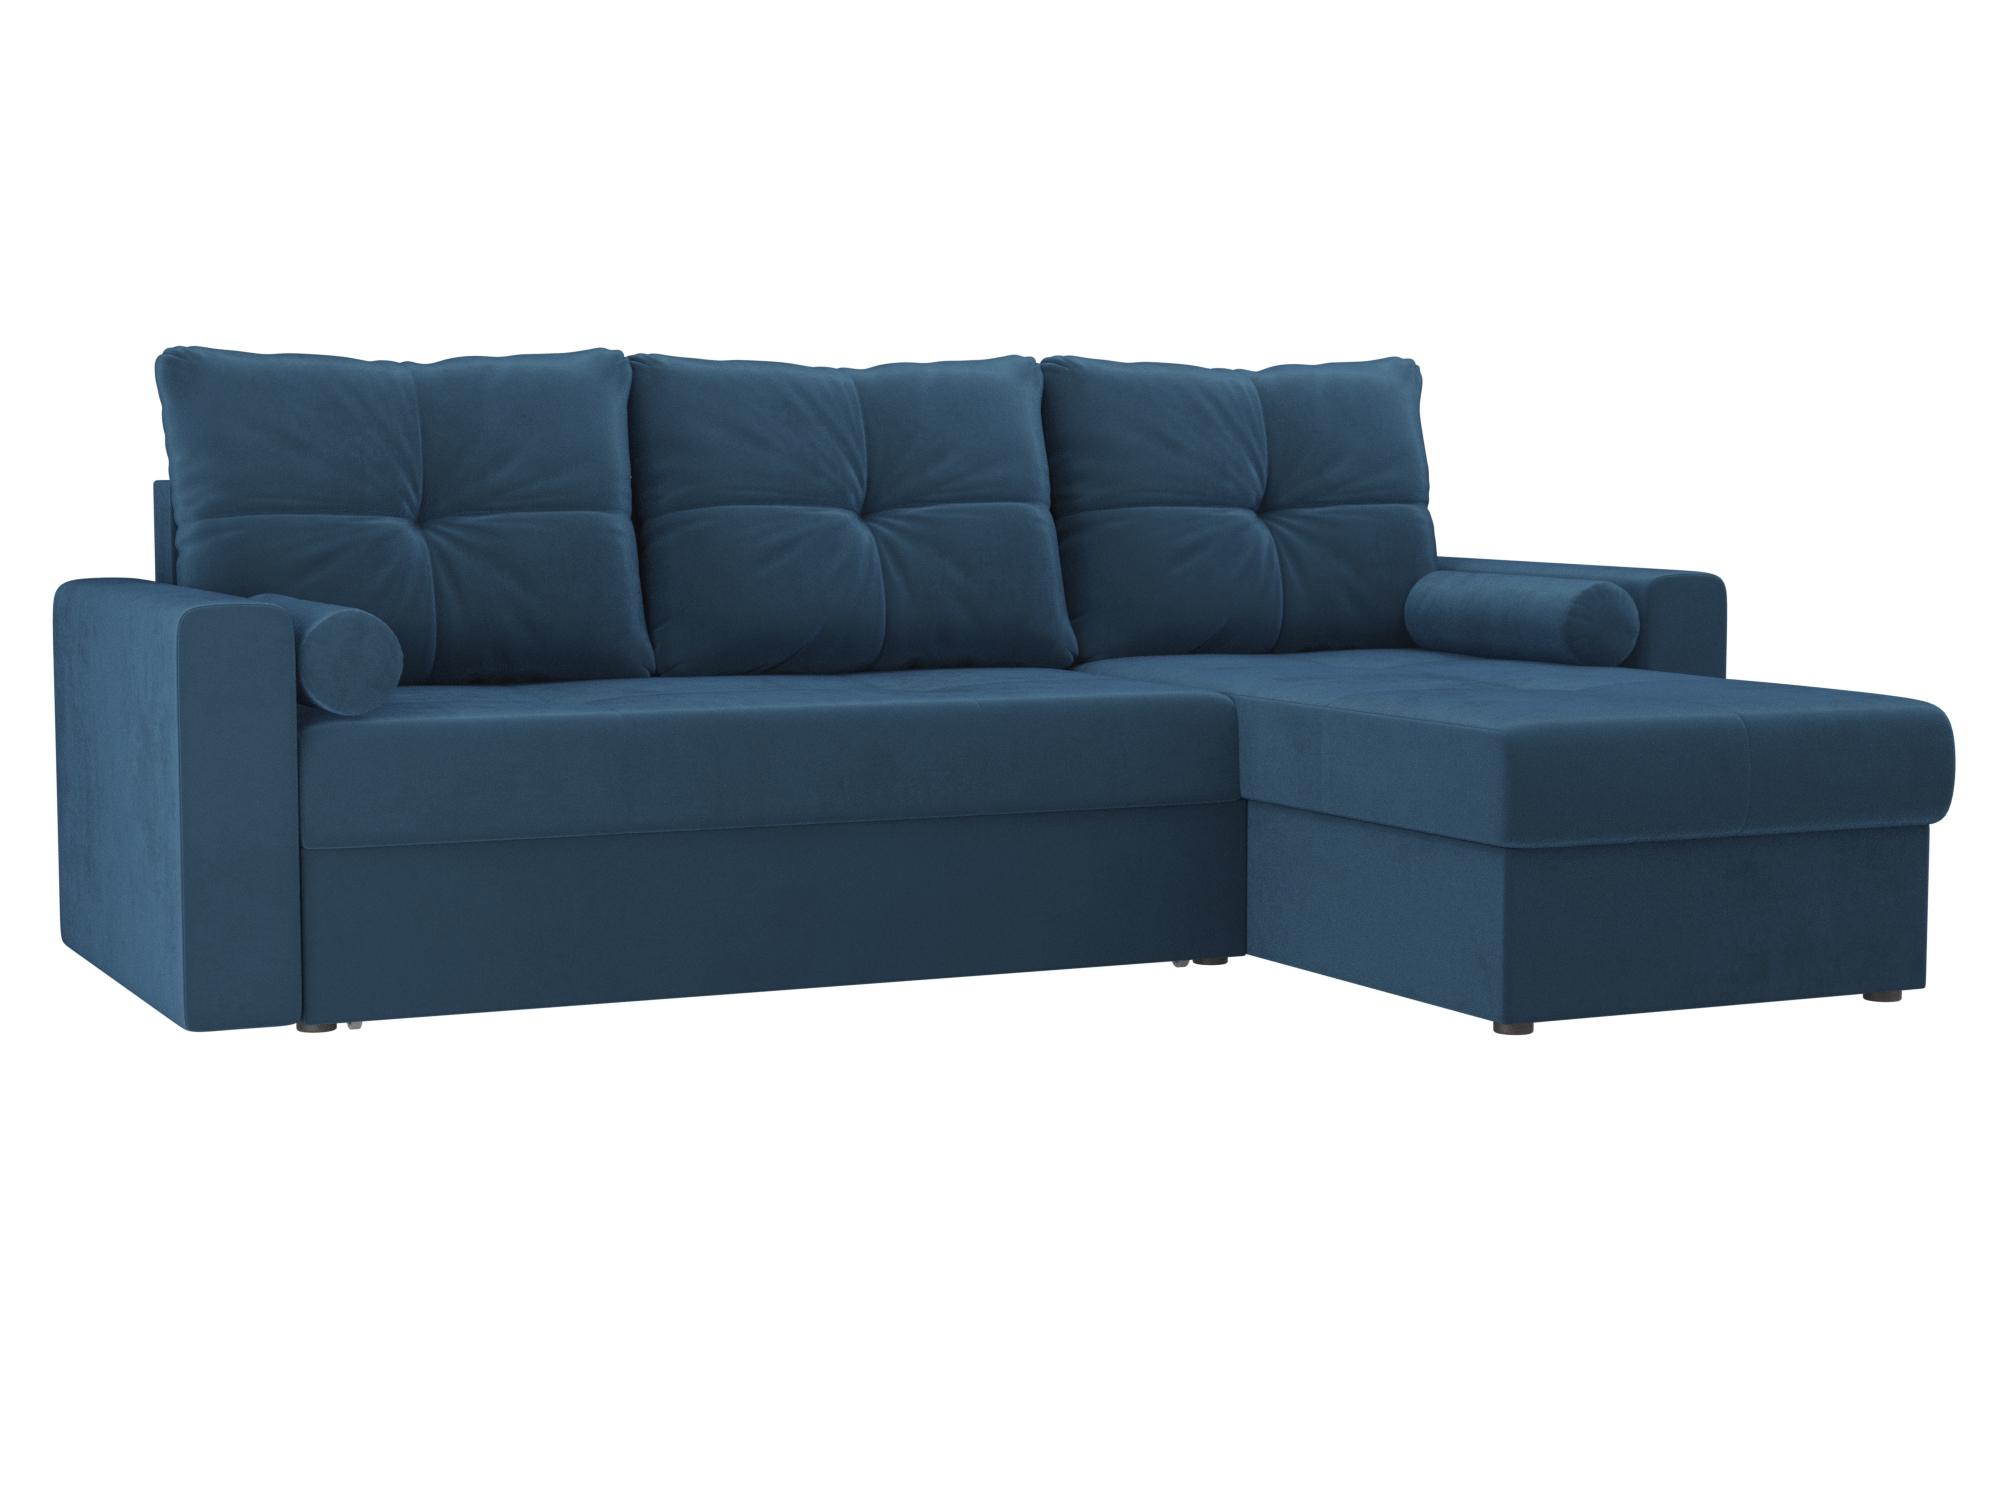 Угловой диван Верона правый MebelVia Голубой